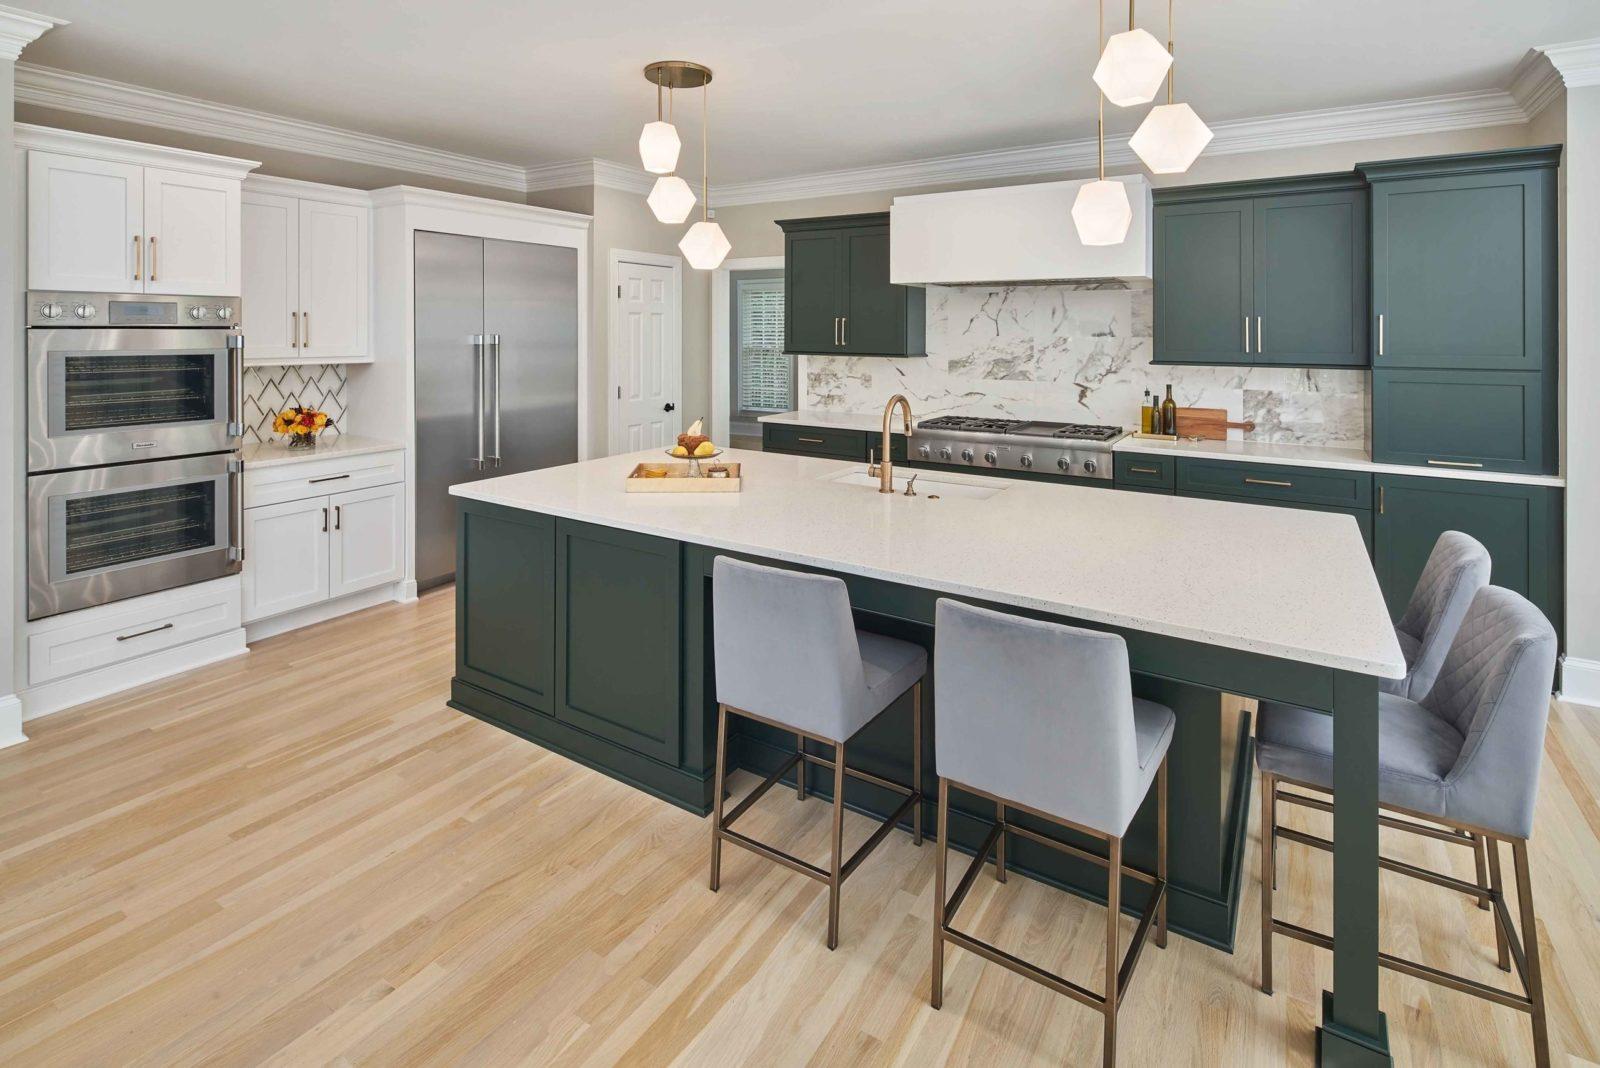 kitchen-island-placement